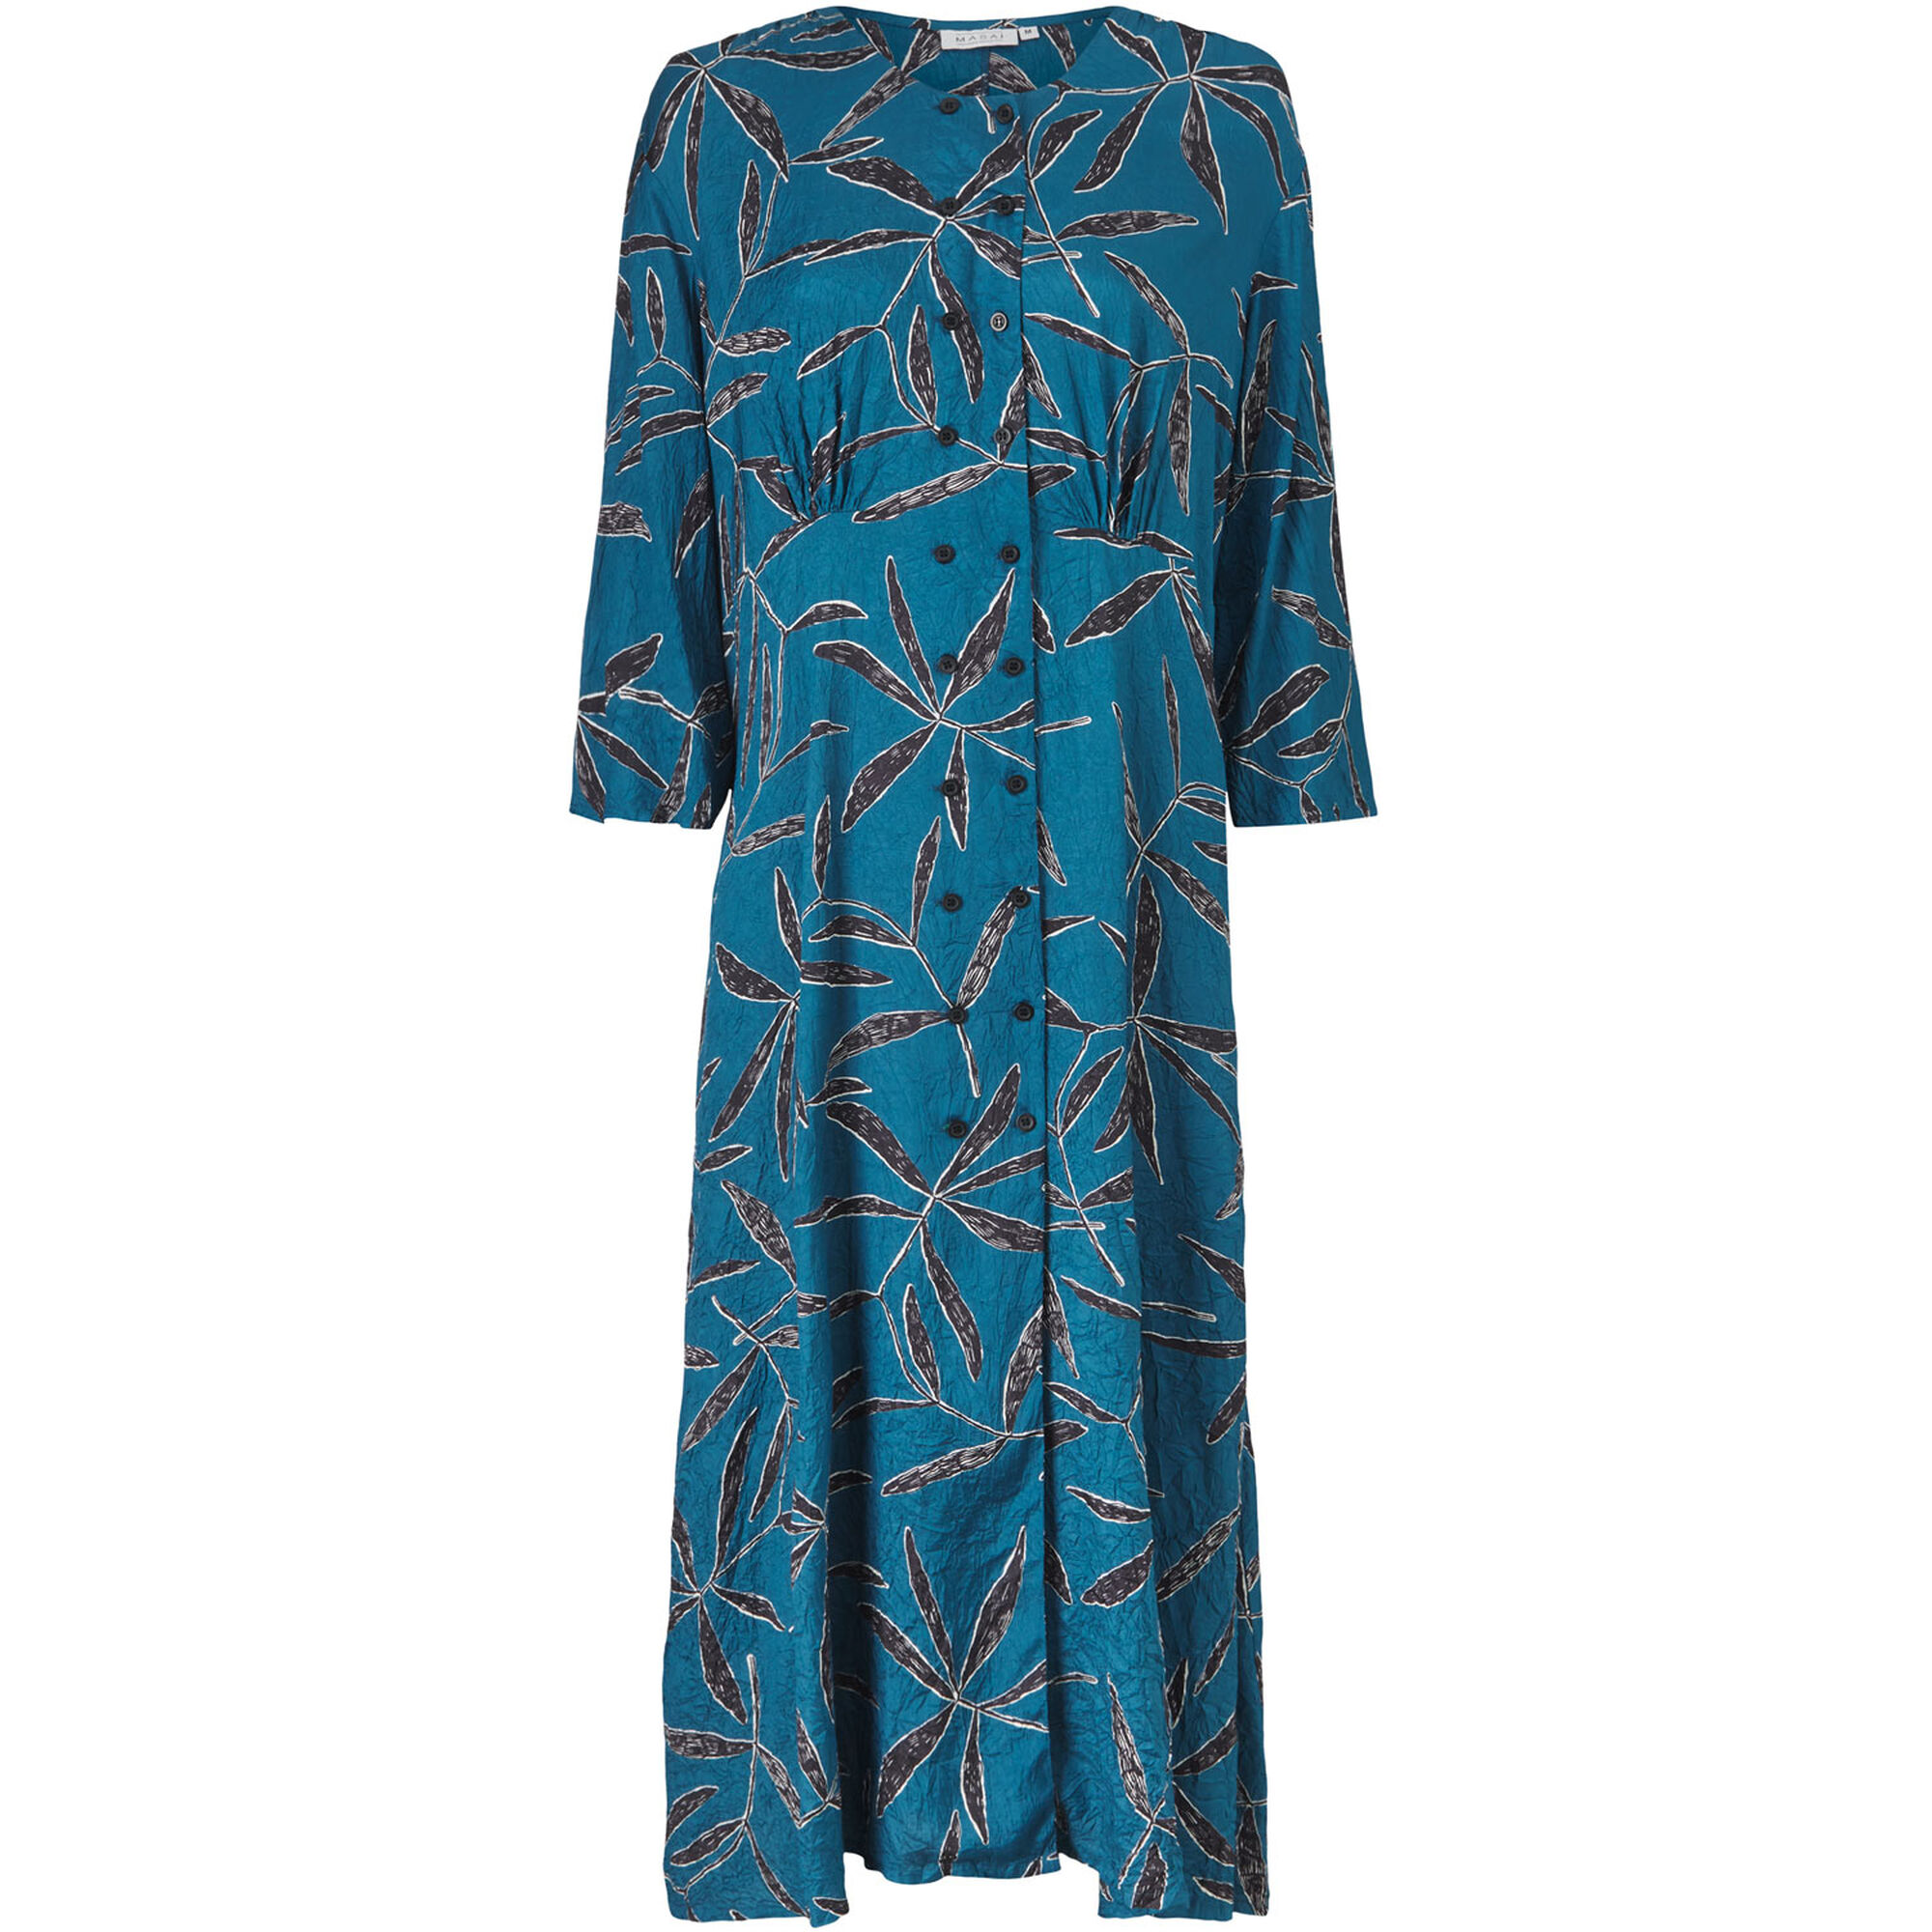 NINISSA DRESS, Corsair, hi-res